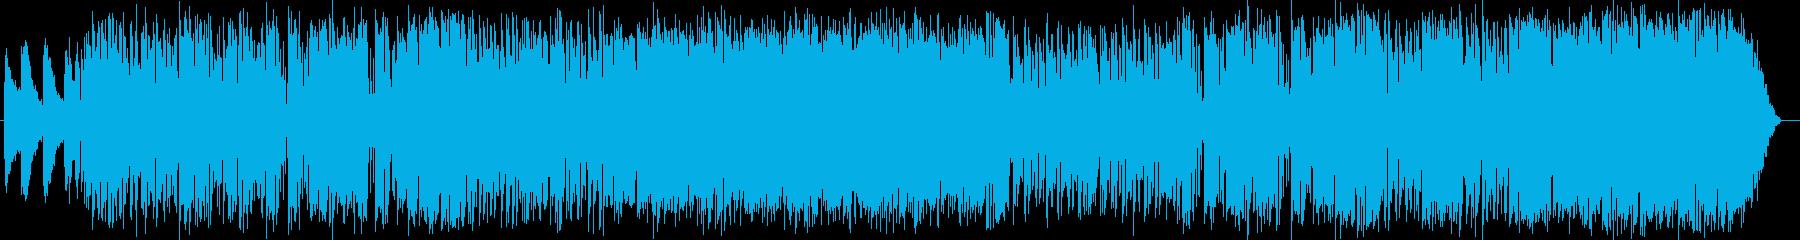 爽やかで緩やかなエレキサウンドの再生済みの波形